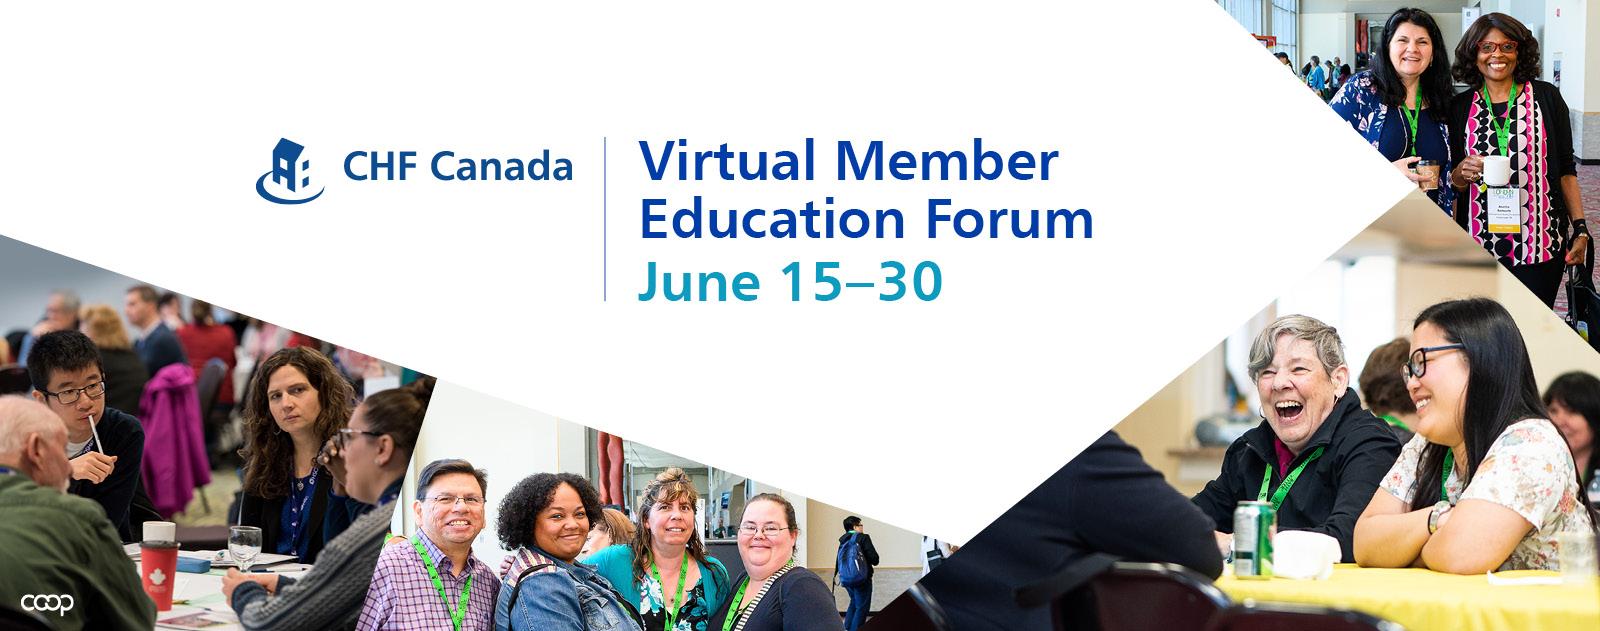 Member education forum